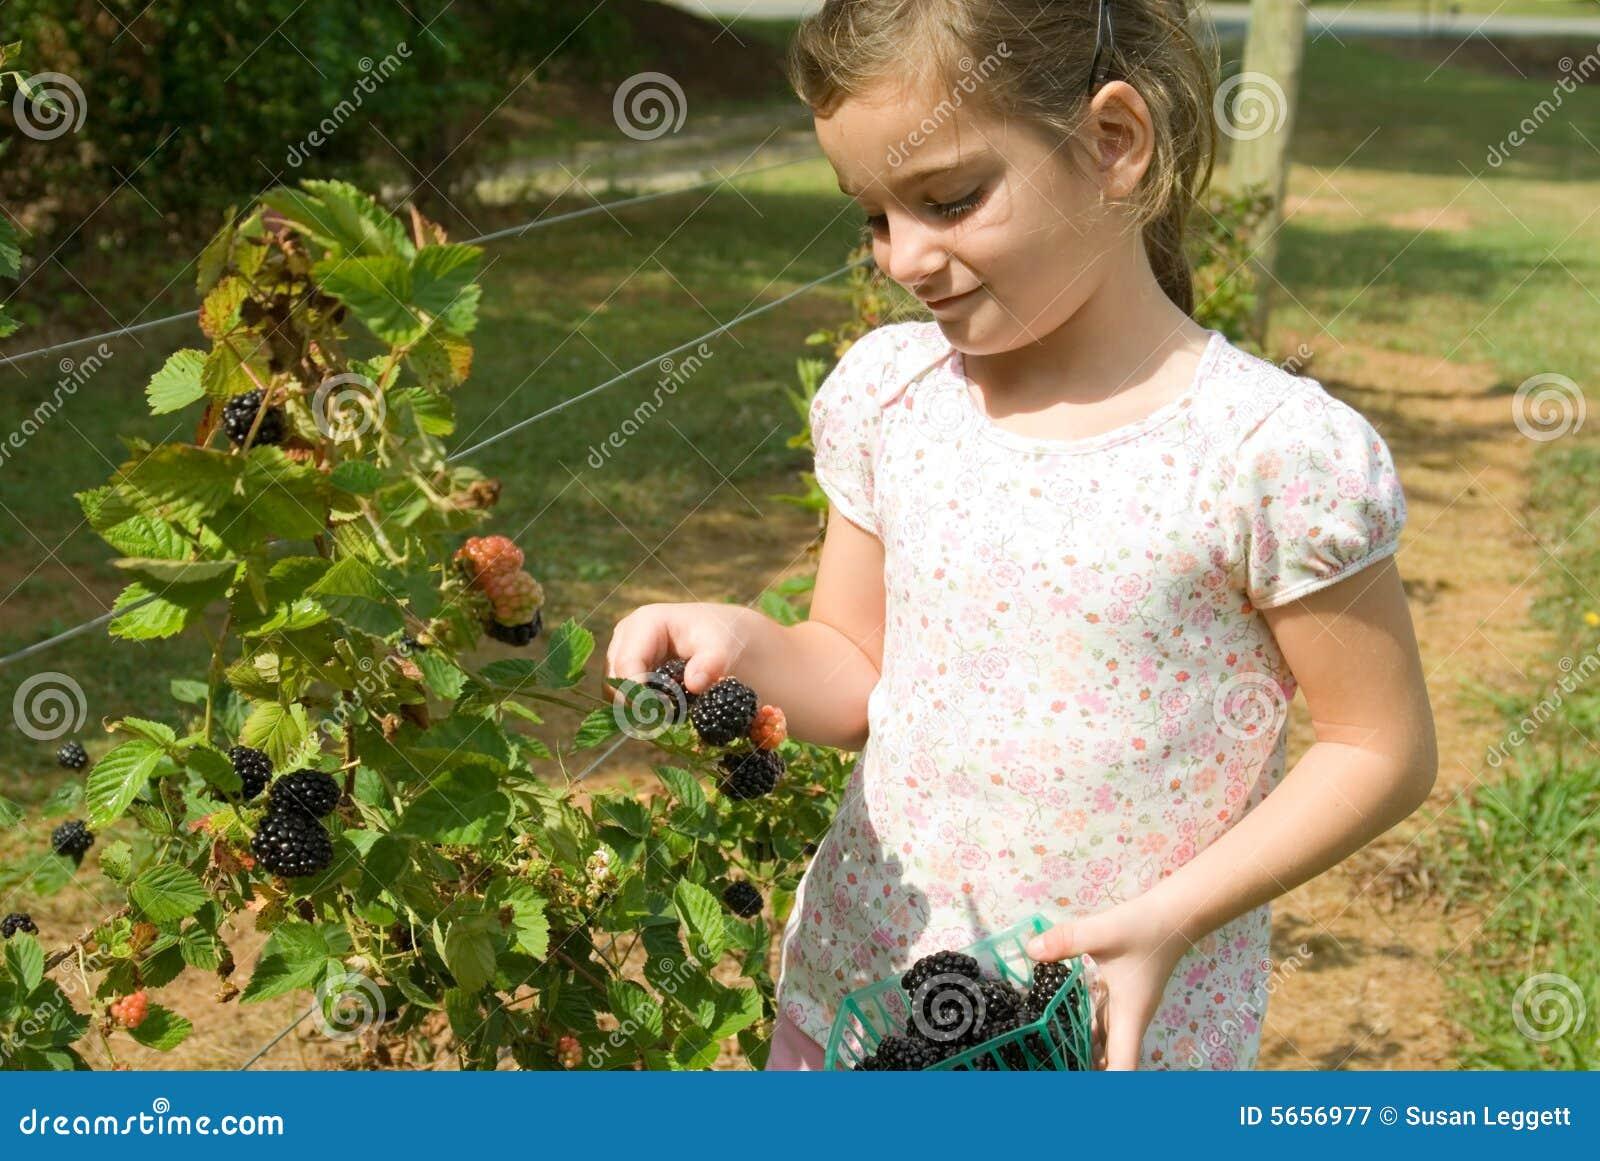 黑莓女孩挑选